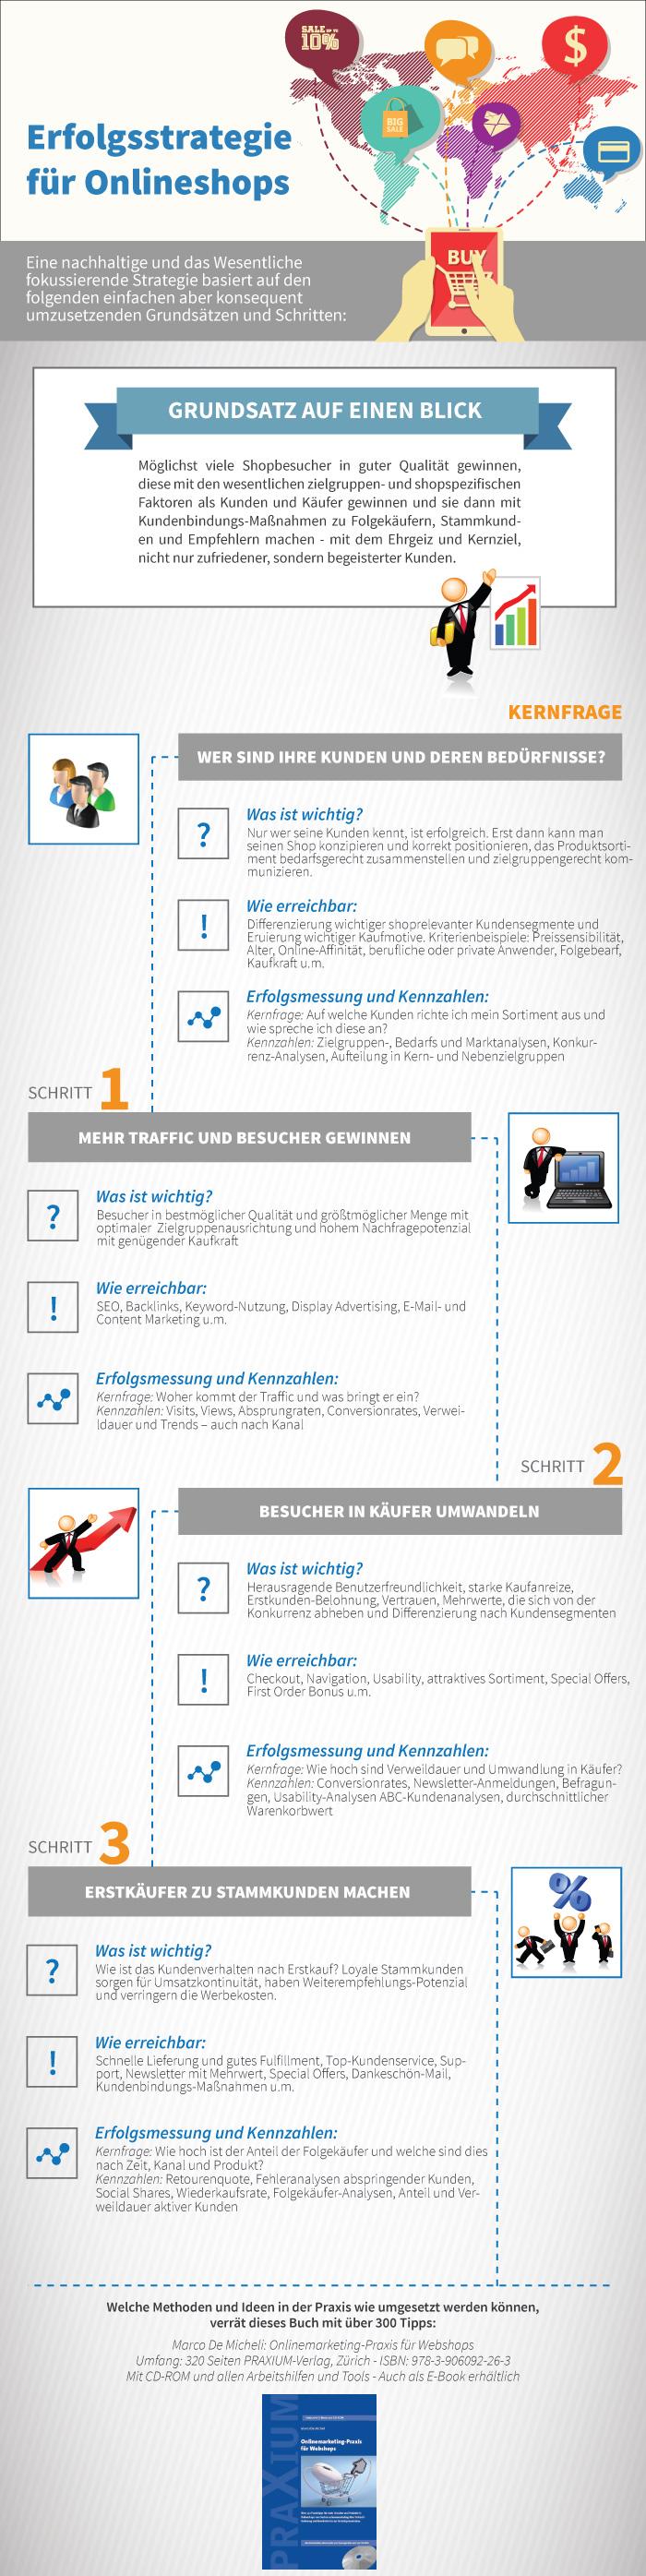 Infografik mit den wesentlichen Elementen für eine erfolgreiche Strategie für mehr Kunden und Käufer.